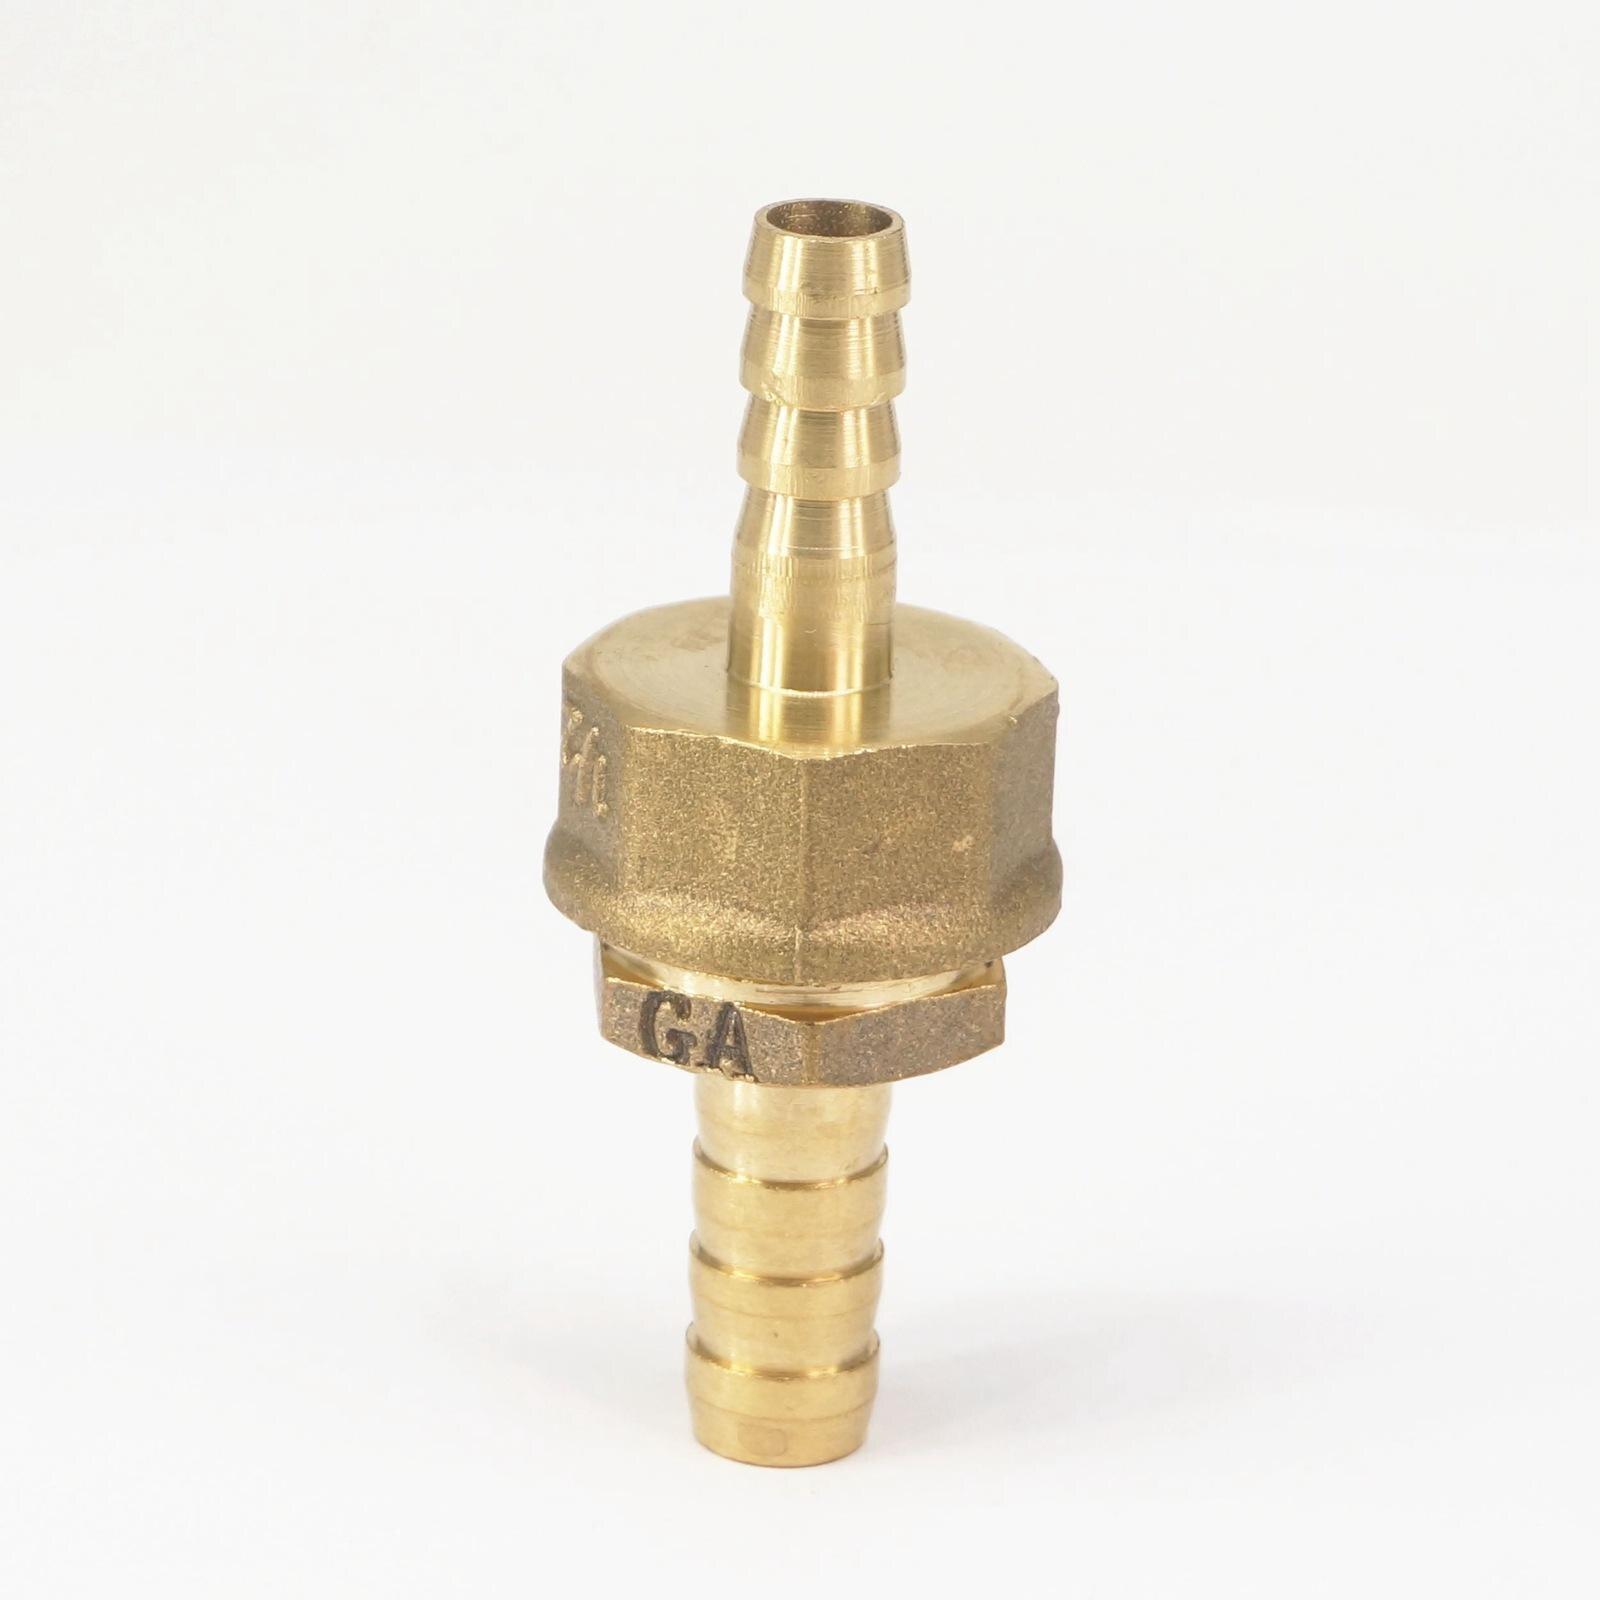 Rohre & Armaturen Schlauch Barb I/d 8mm X Schlauch Barb I/d 10mm Messing Koppler Splicer Anschluss Fitting Für Kraftstoff Gas Wasser Auswahlmaterialien Sanitär